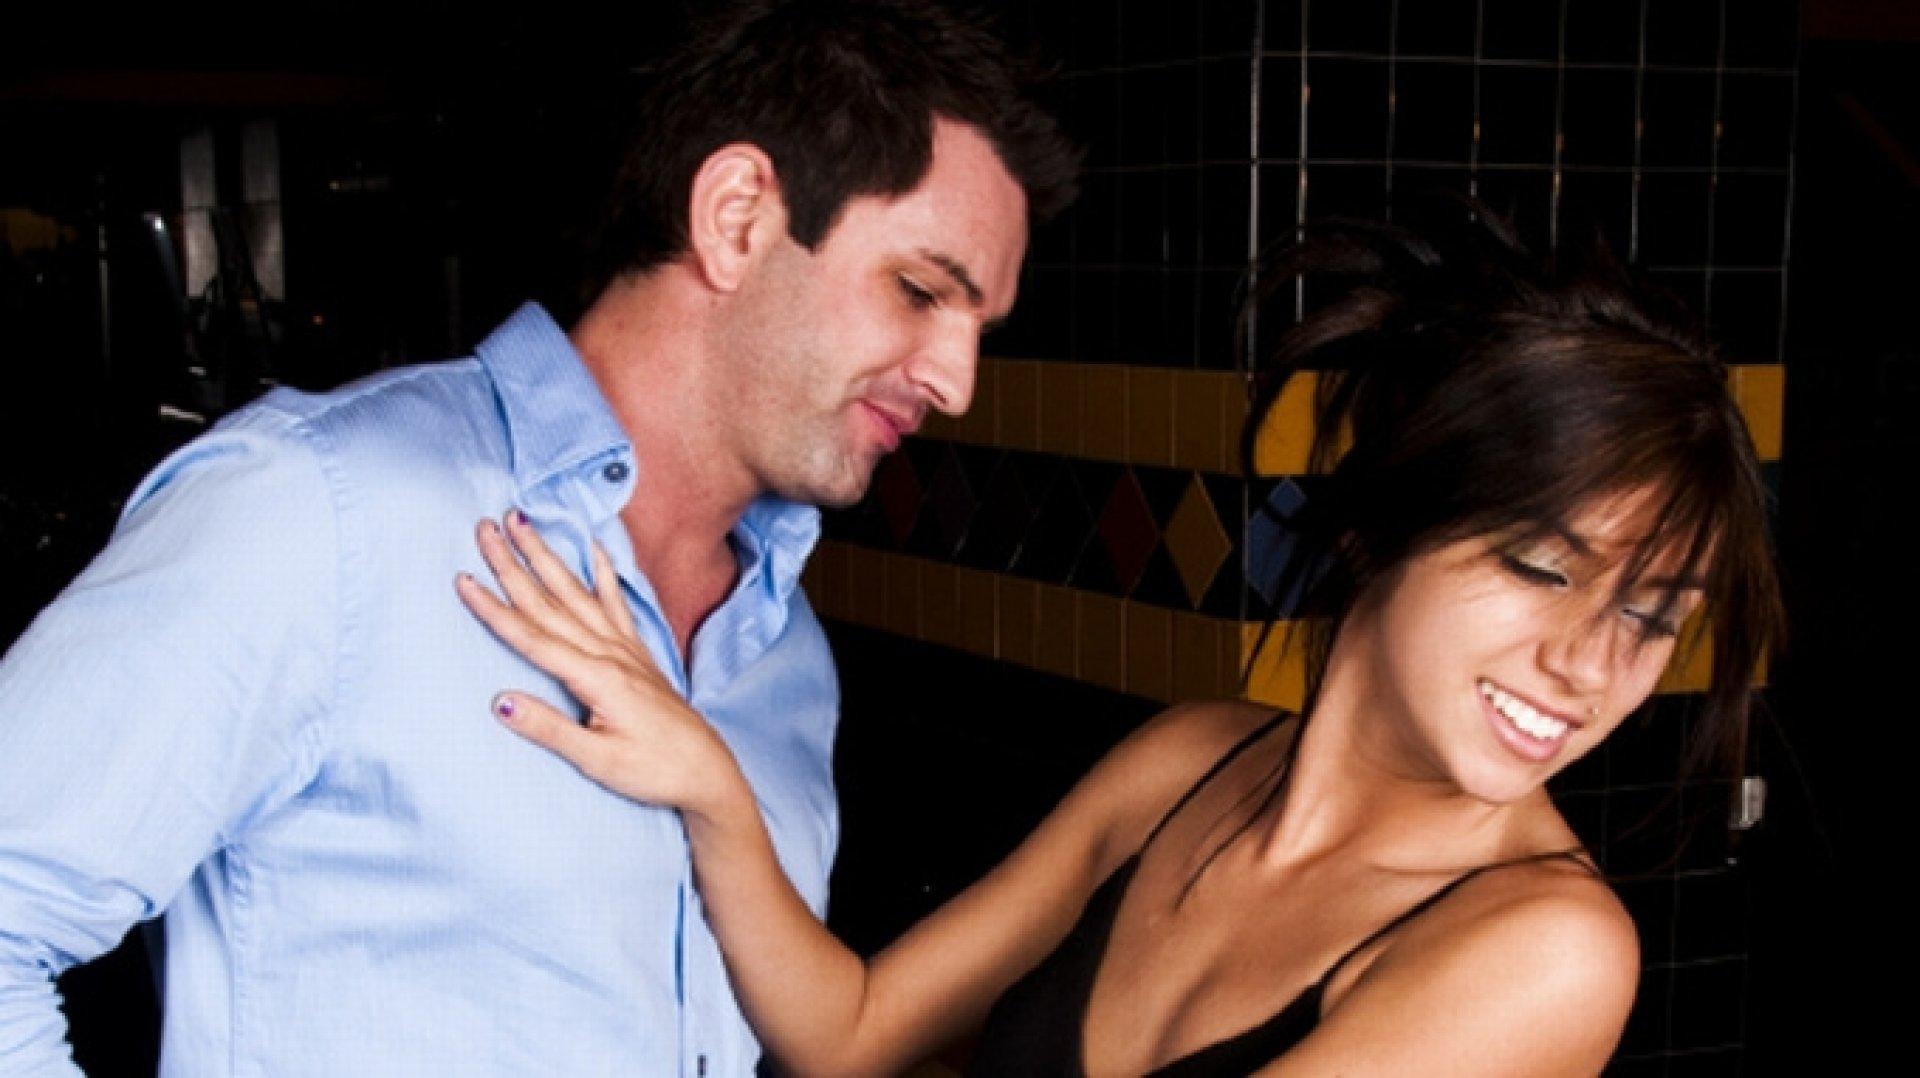 Почему девушка не хочет своего мужика, 5 причин почему мужчина не хочет секса? 22 фотография